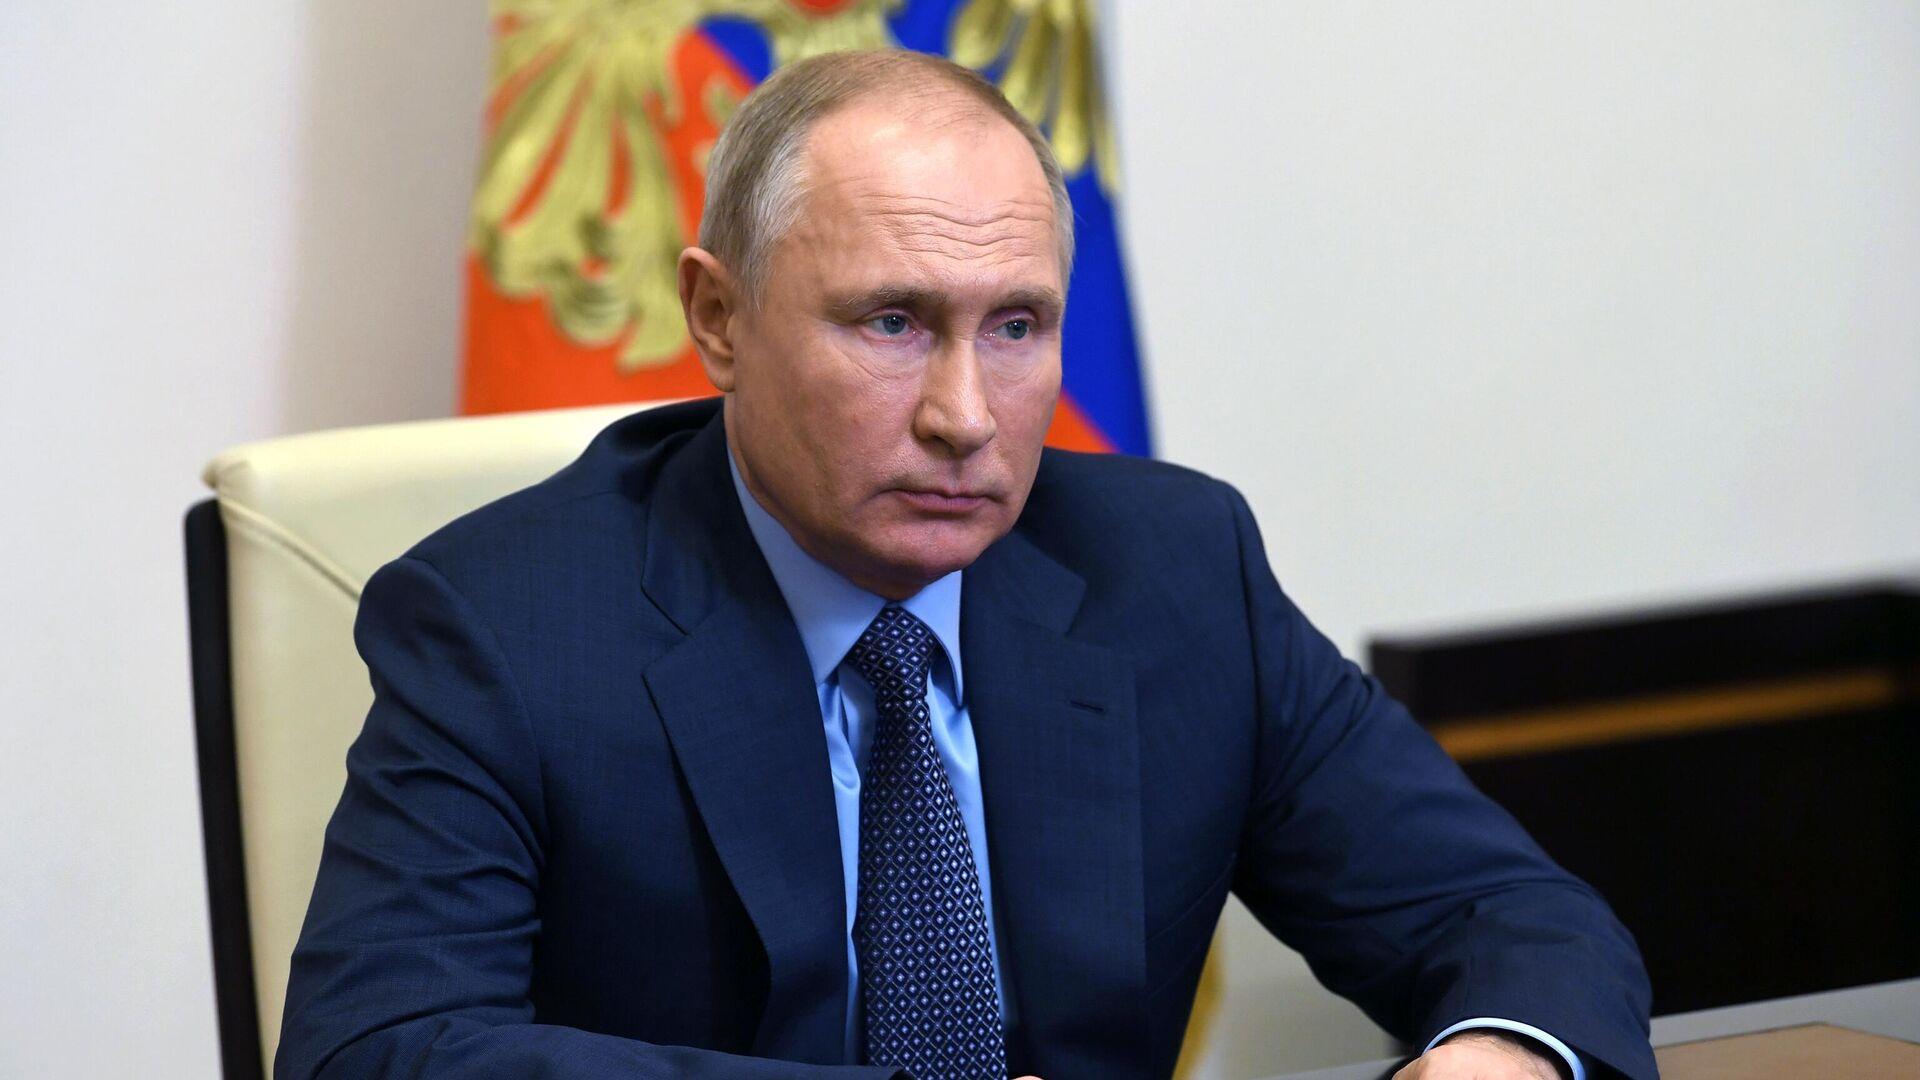 Президент РФ В. Путин провел встречу с главой Газпрома А. Миллером - РИА Новости, 1920, 01.02.2021